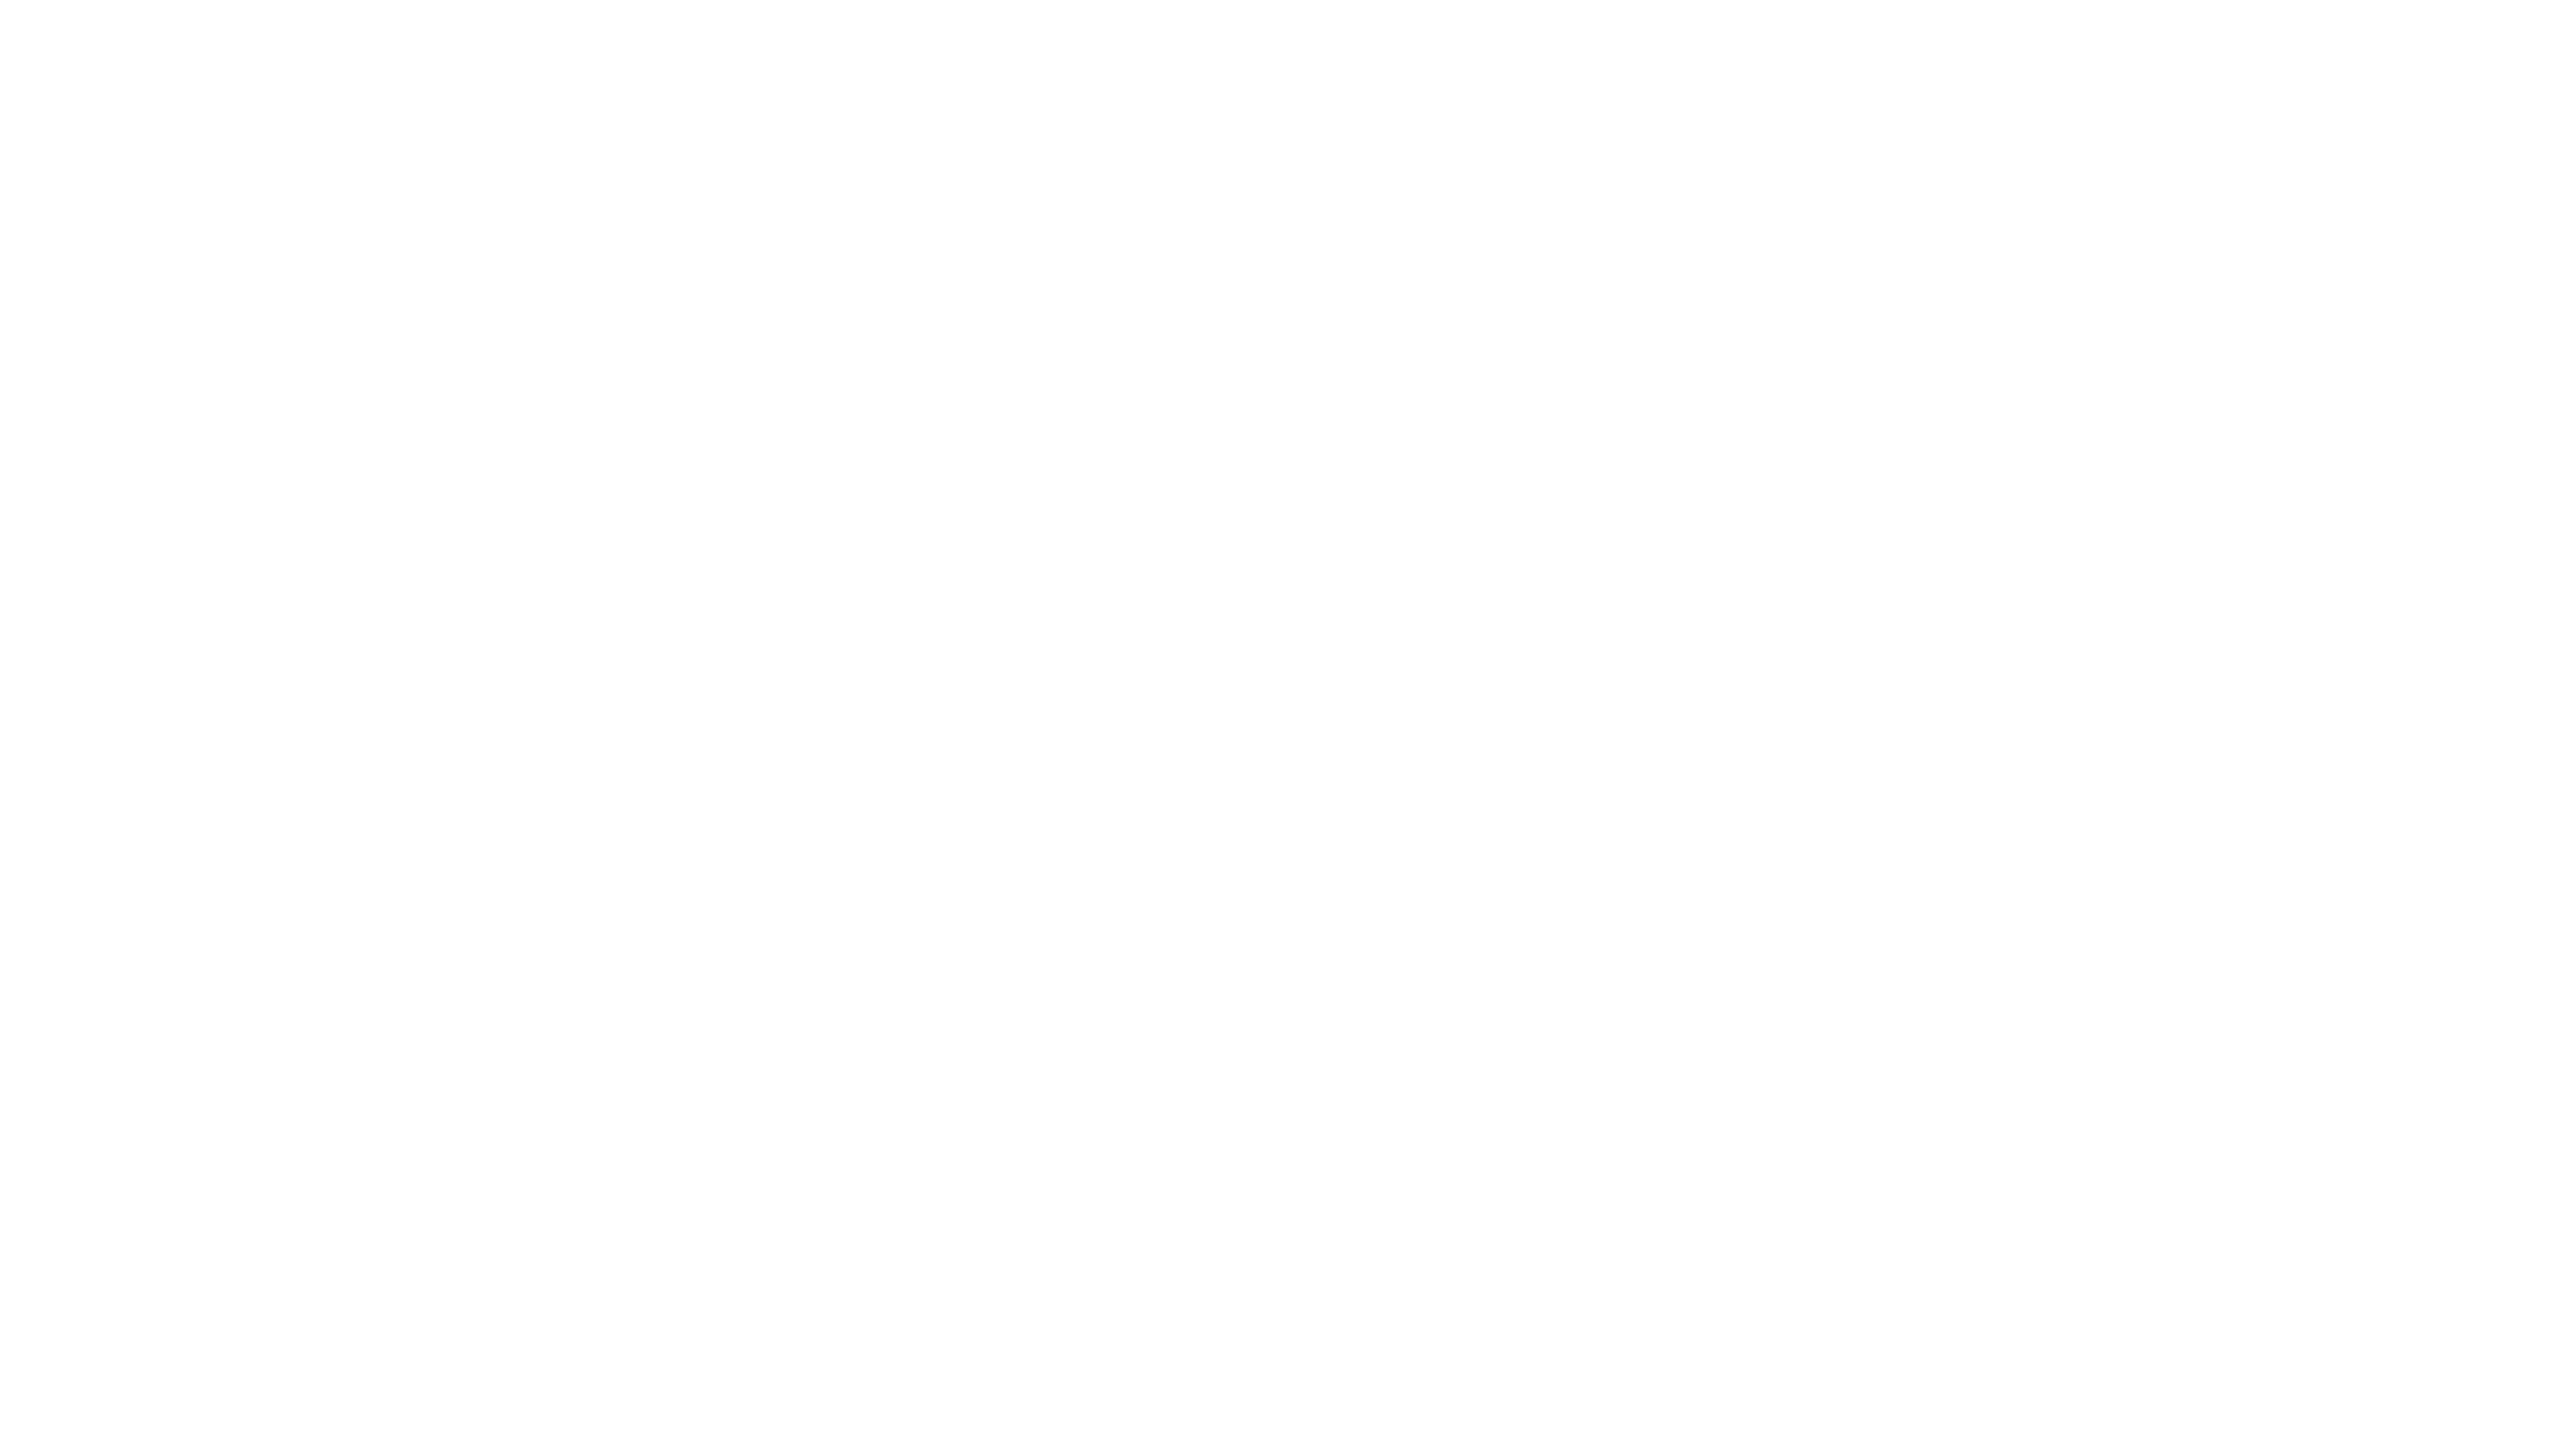 2:17 p.m.